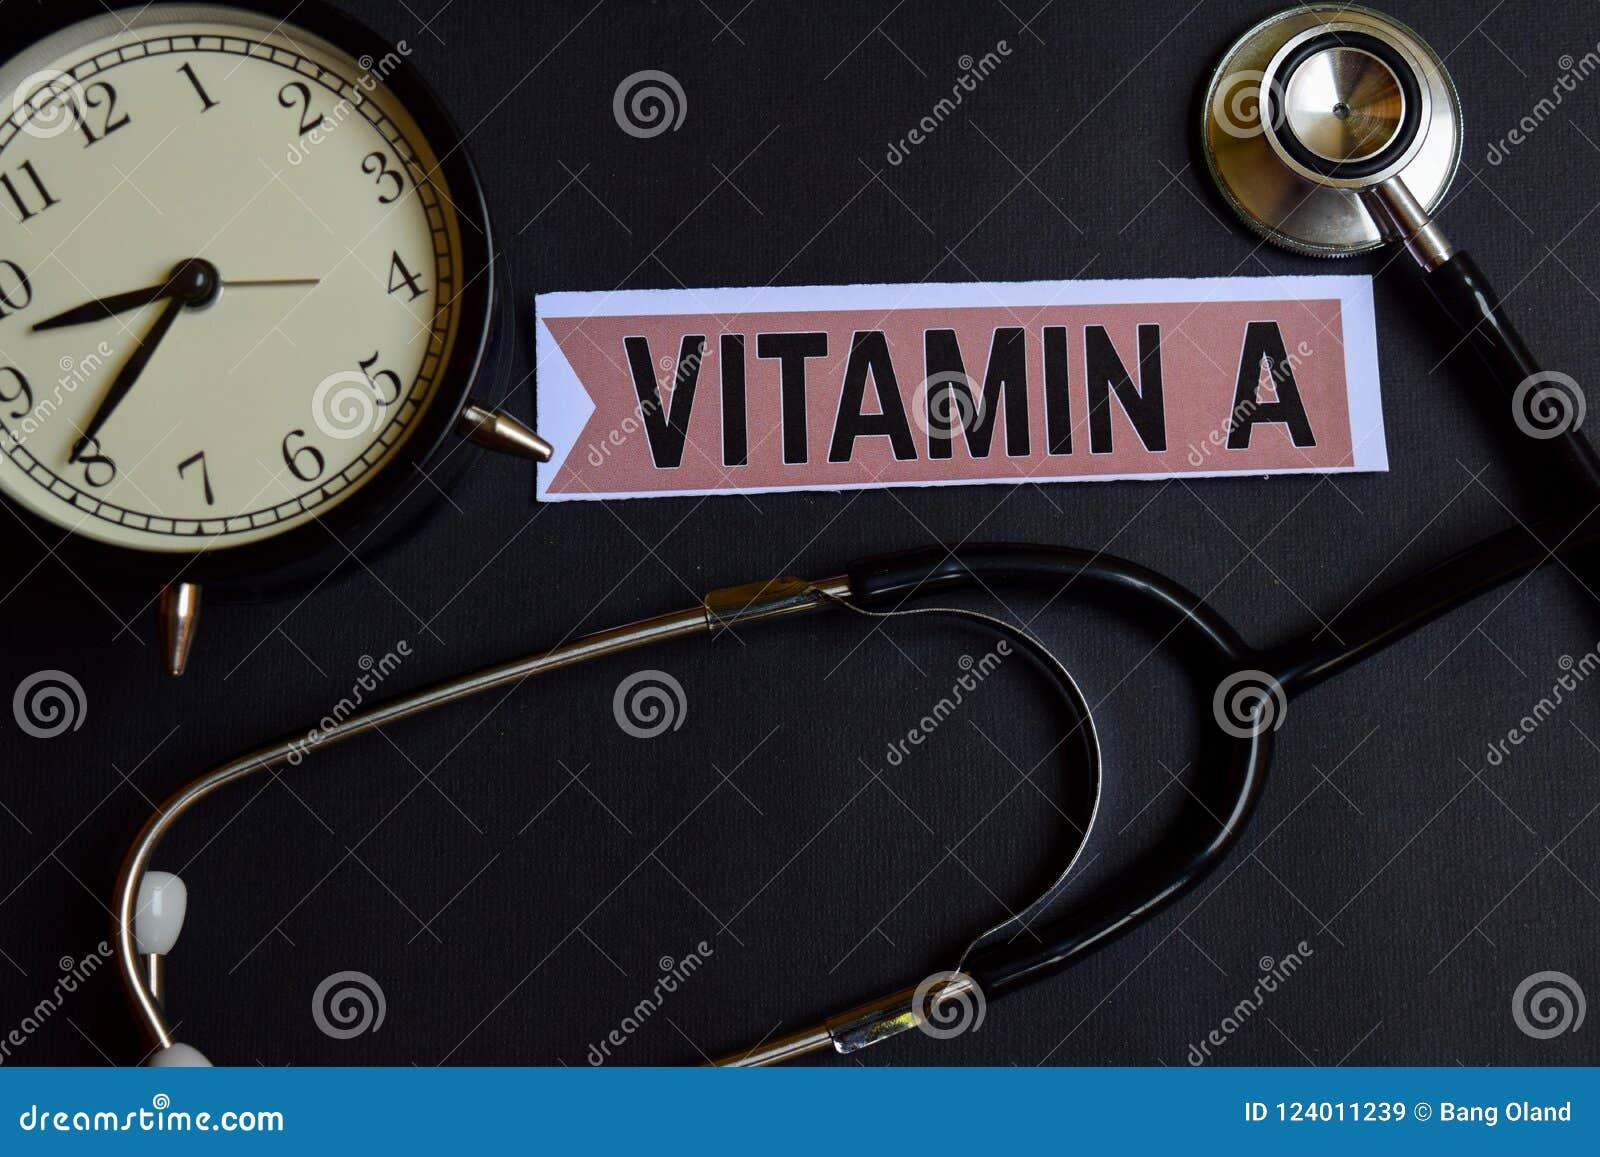 Vitamina A en el papel con la inspiración del concepto de la atención sanitaria despertador, estetoscopio negro